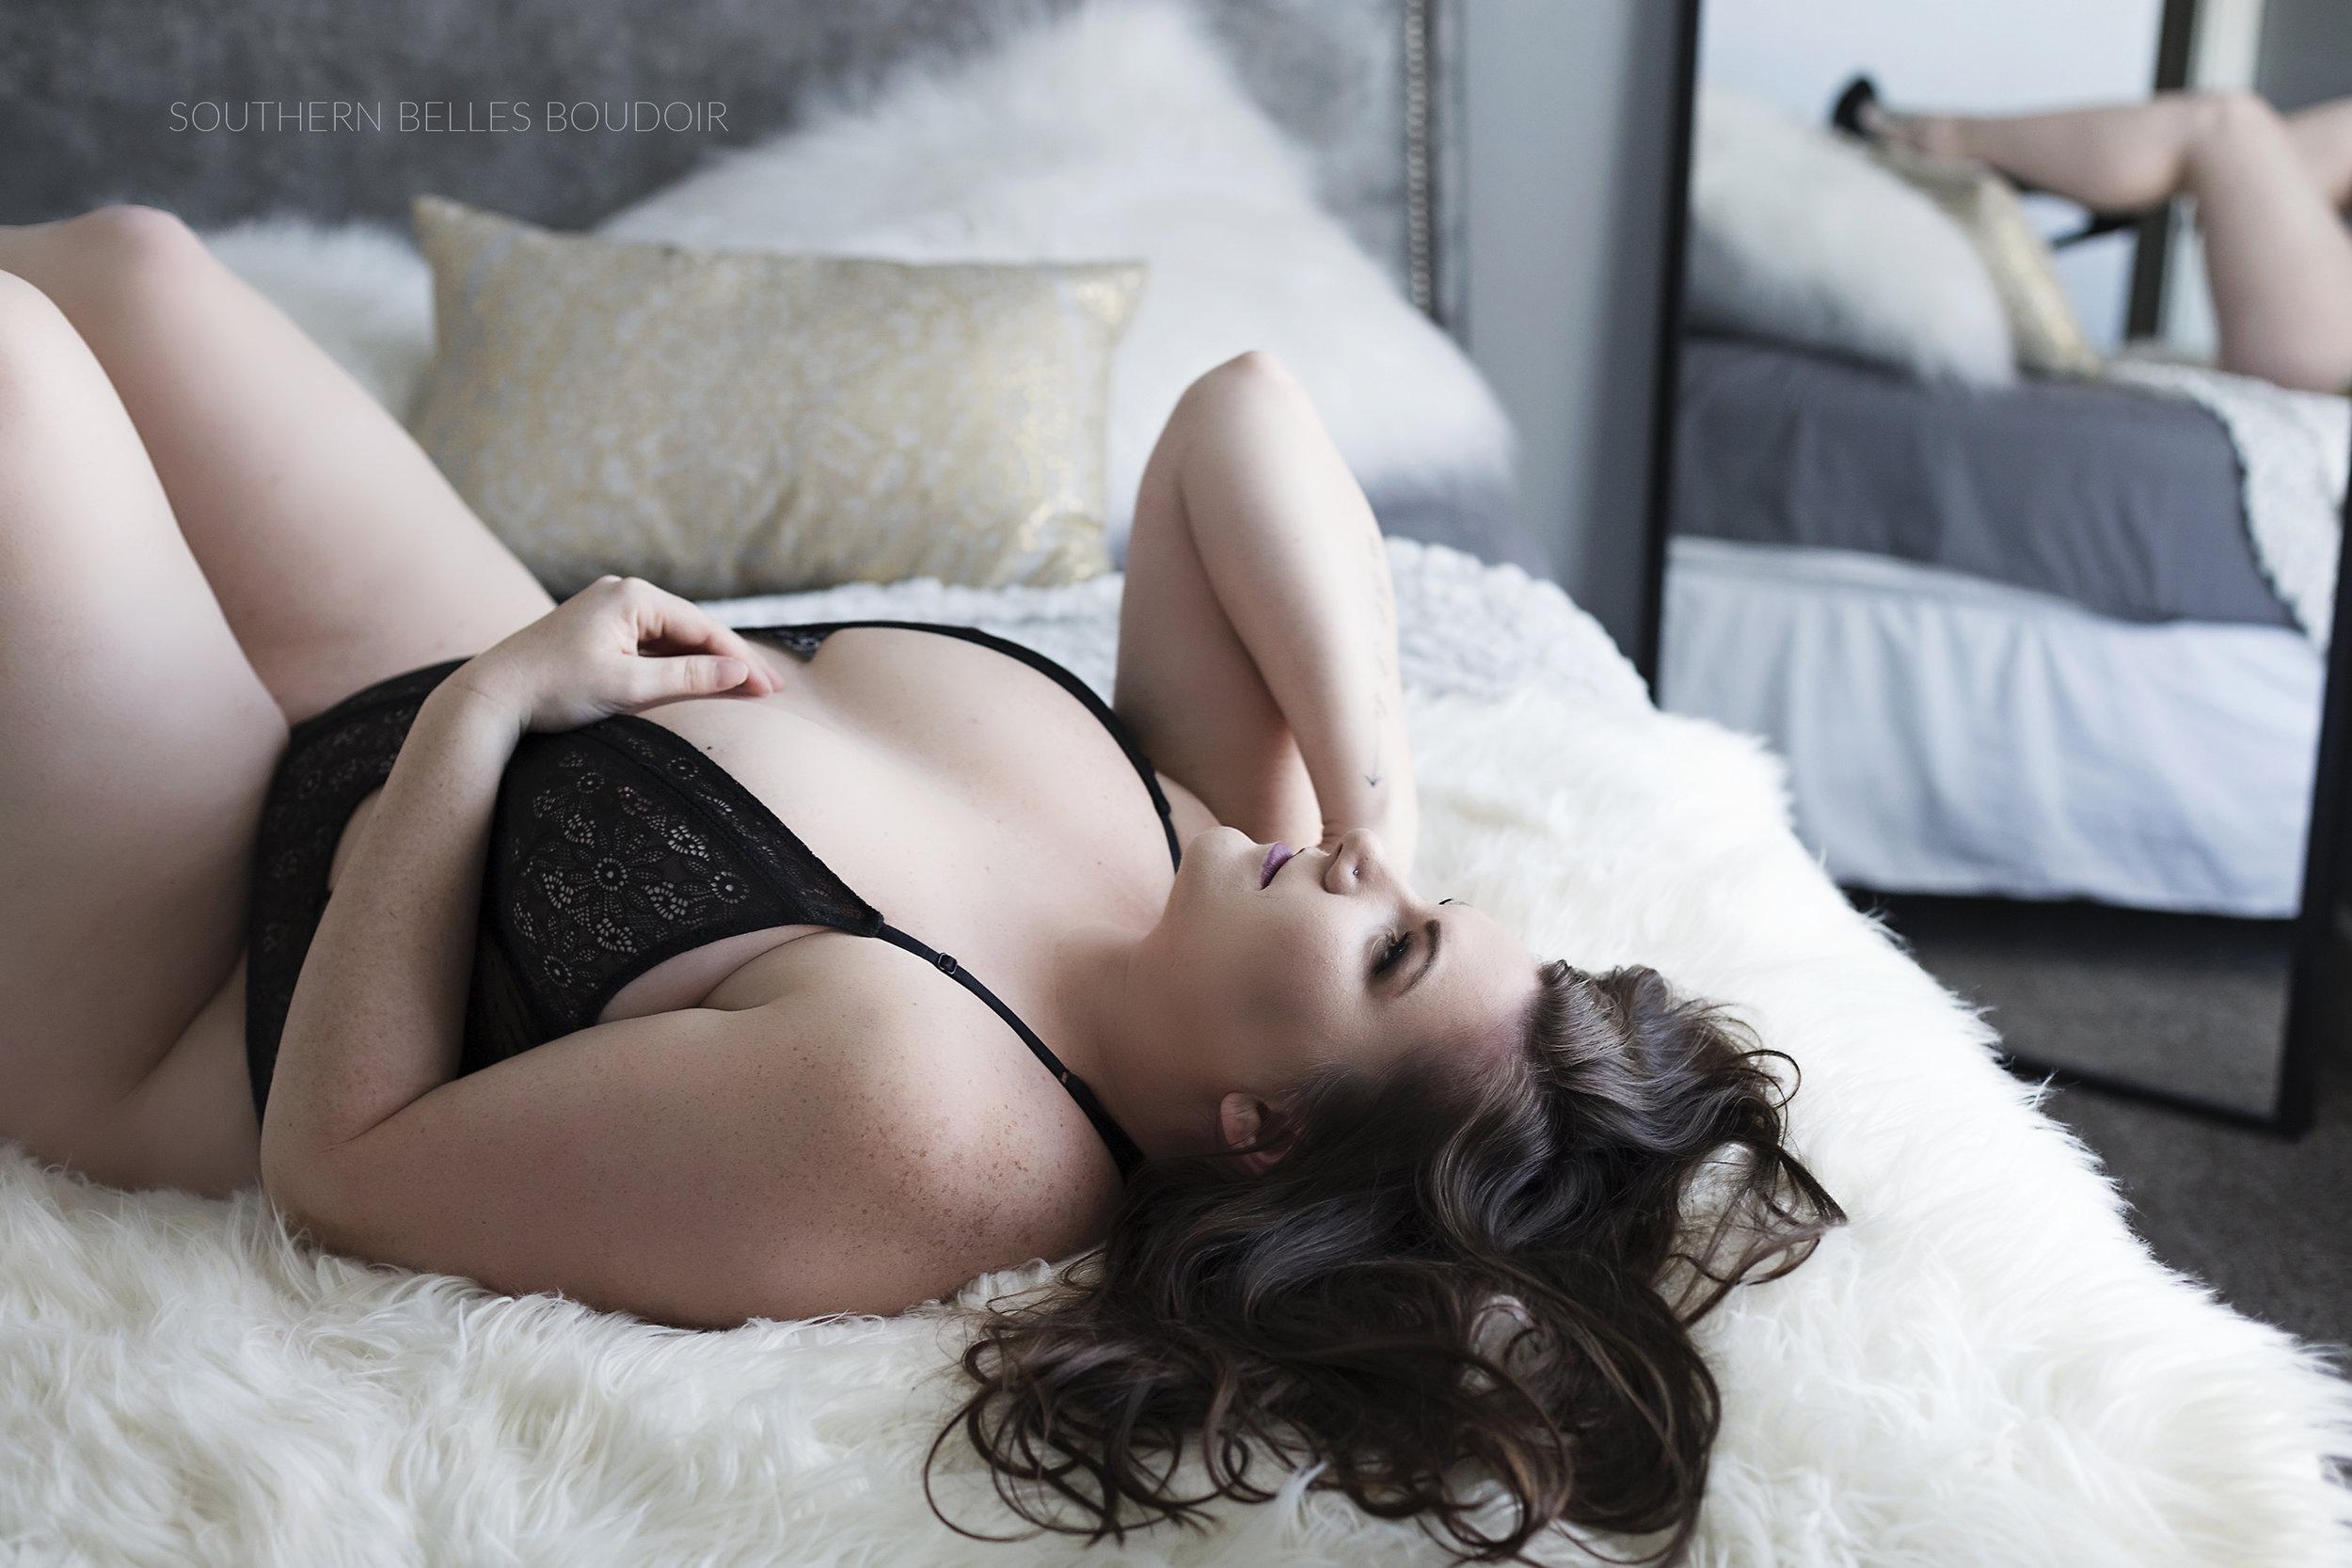 boudoirphotography.jpg